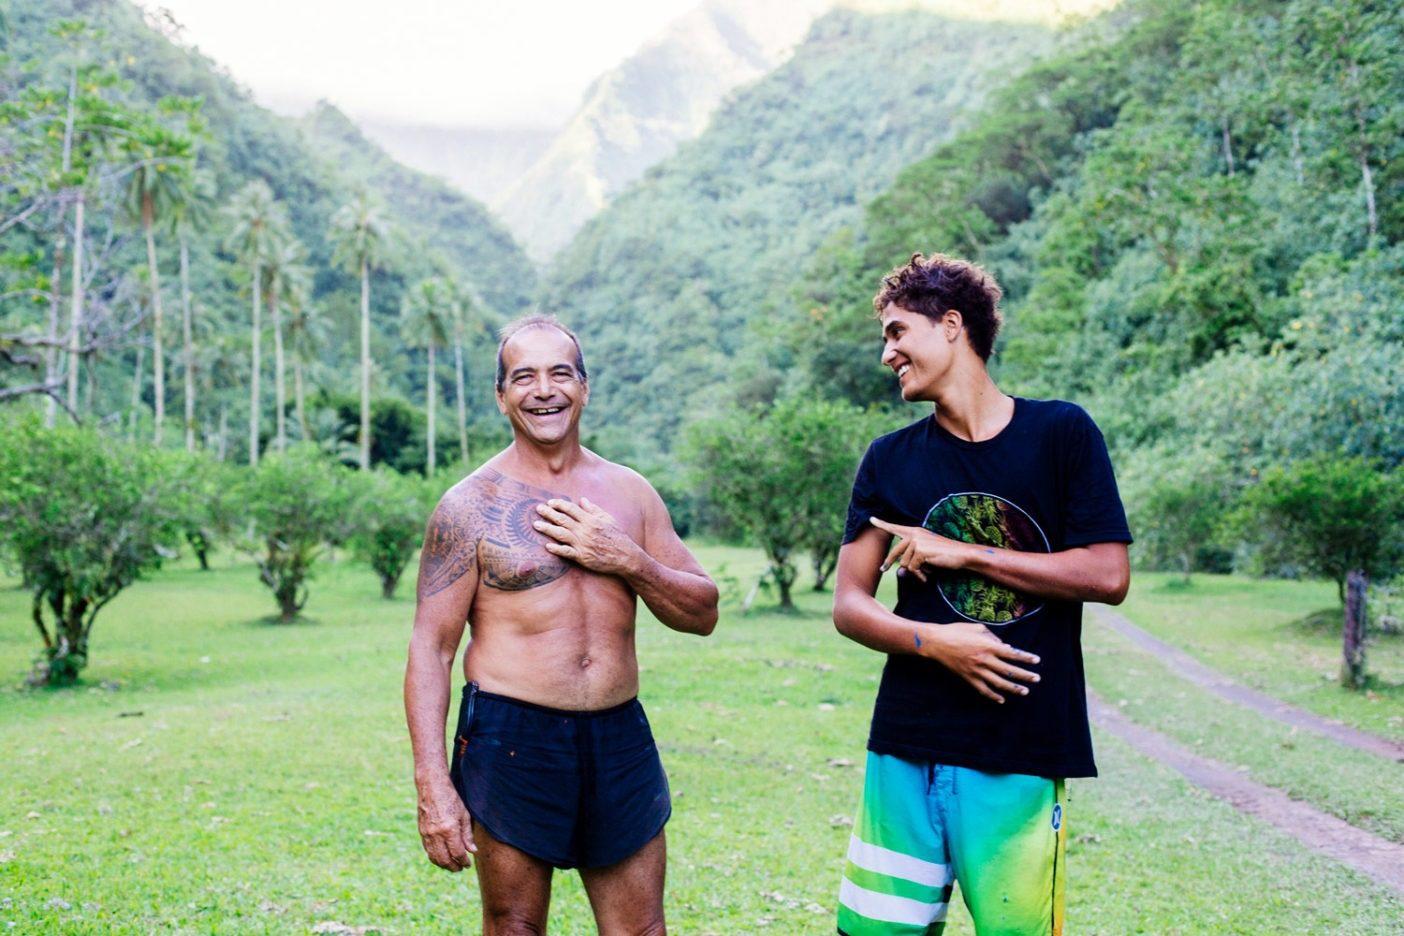 タヒチの子供時代の異なる物語をシェアするマタヒ・ドロレットと叔父のペヴァ・レヴィ。Photo: Donnie Hedden